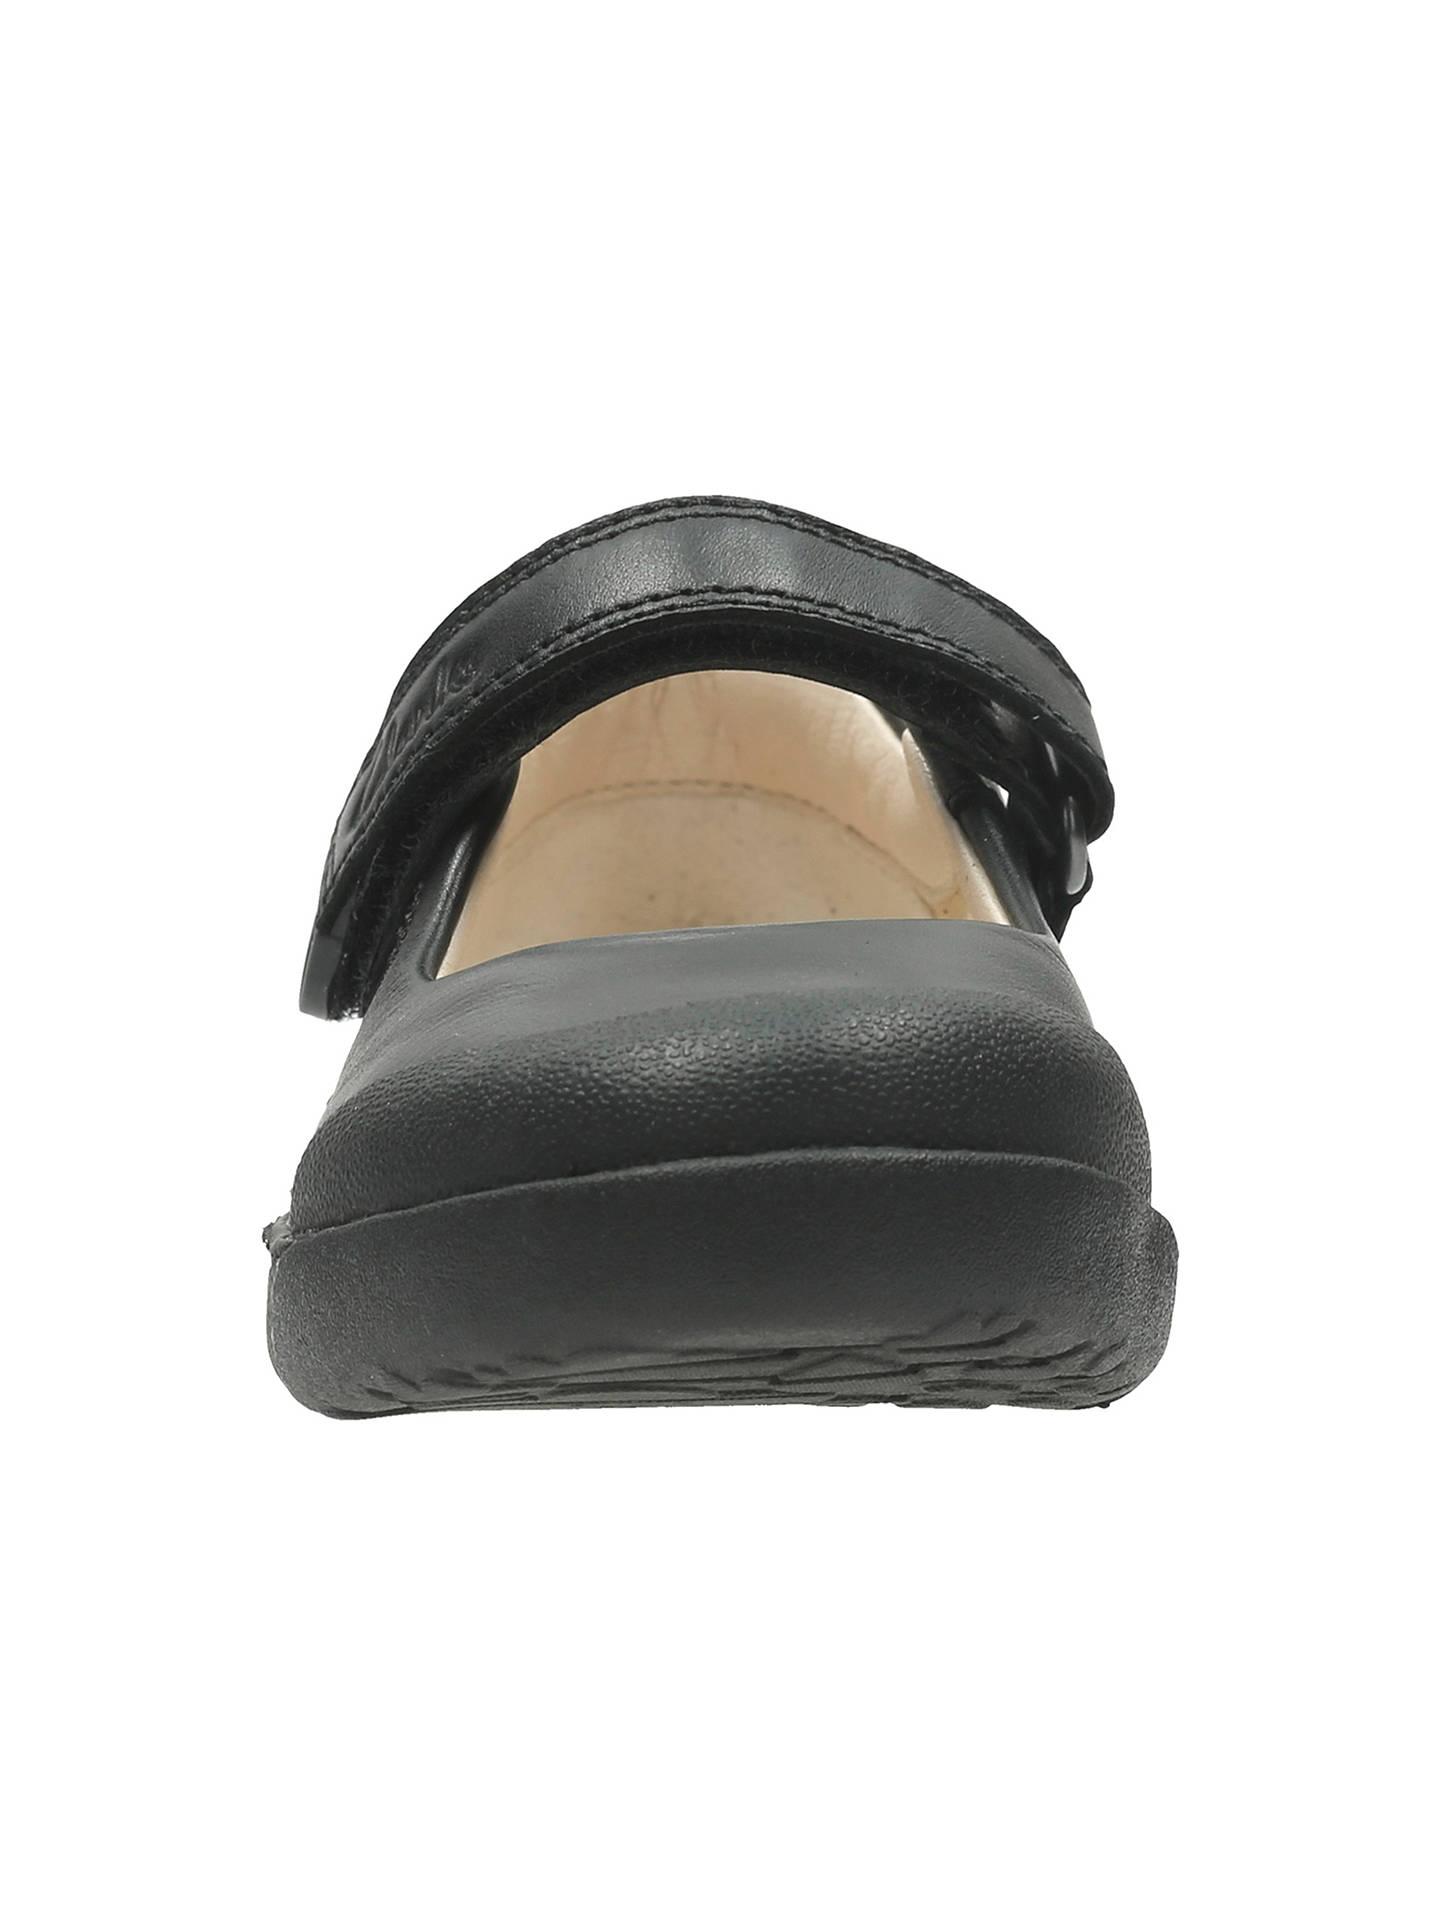 Lil Folk Bud Clarks Girls School Shoes